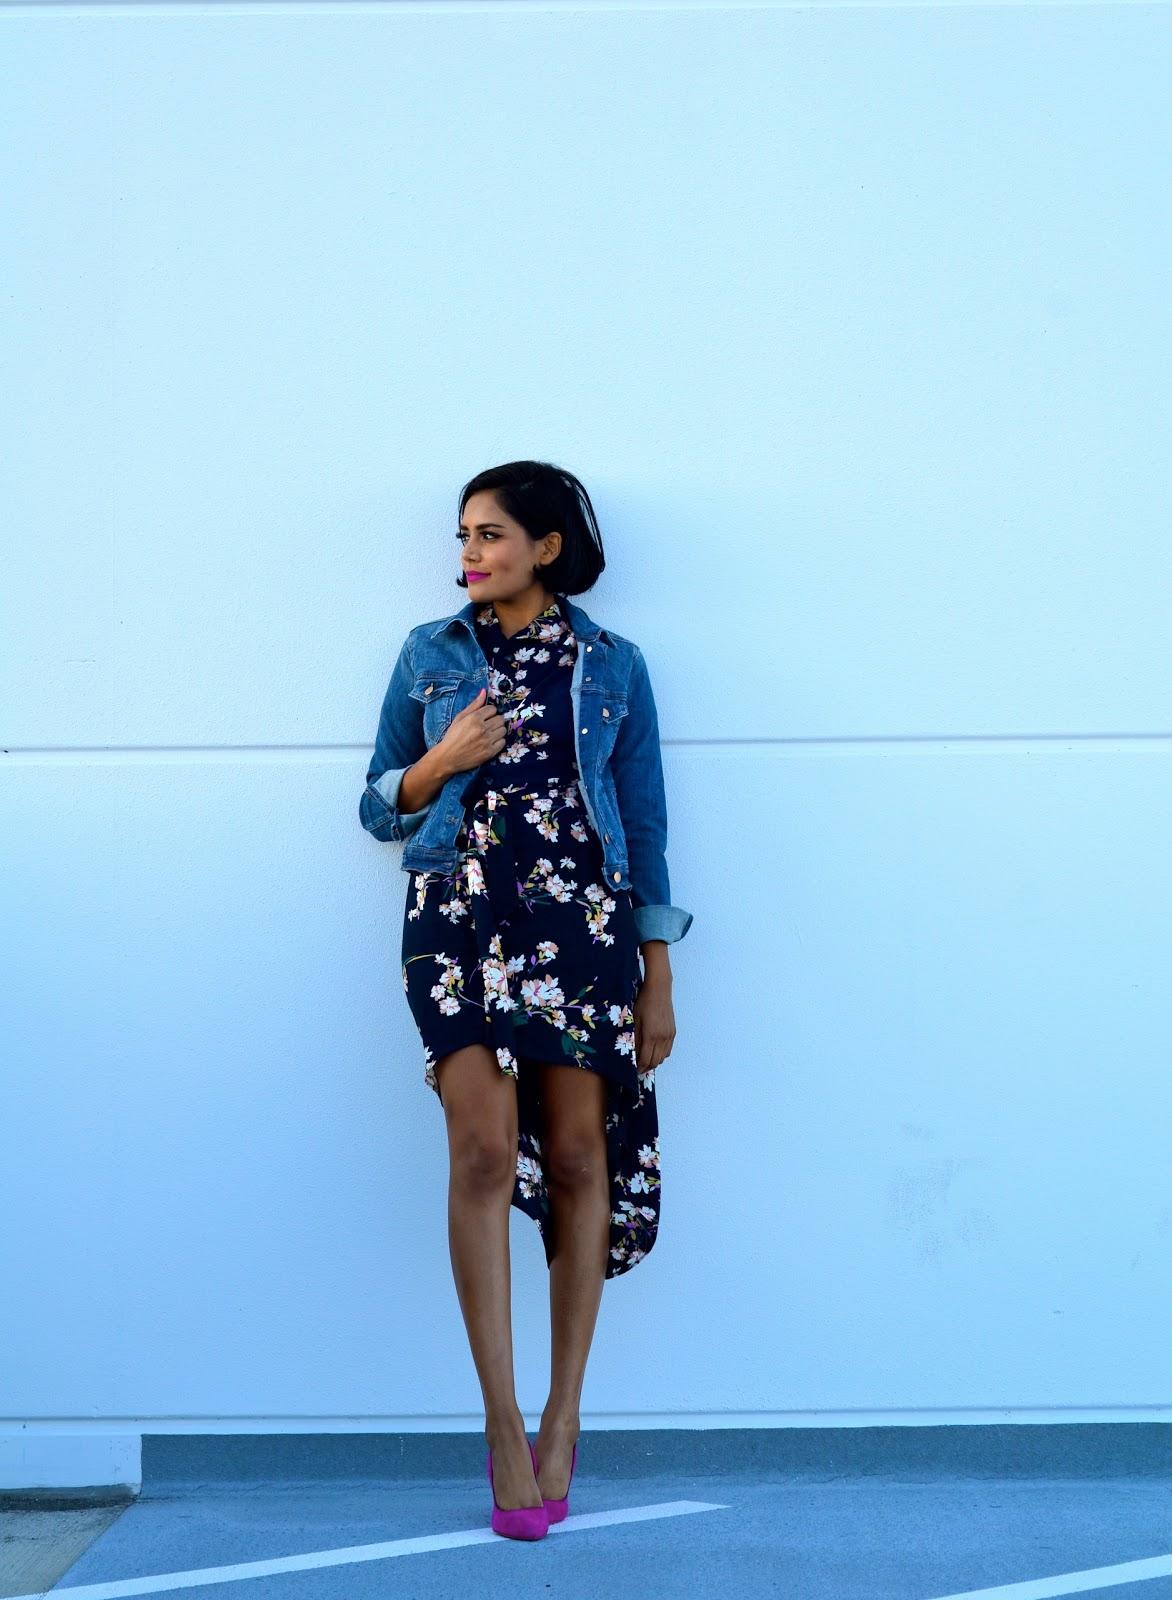 A Parisian In America By Alpa R Orlando Fashion Blogger Vintage With A Twist